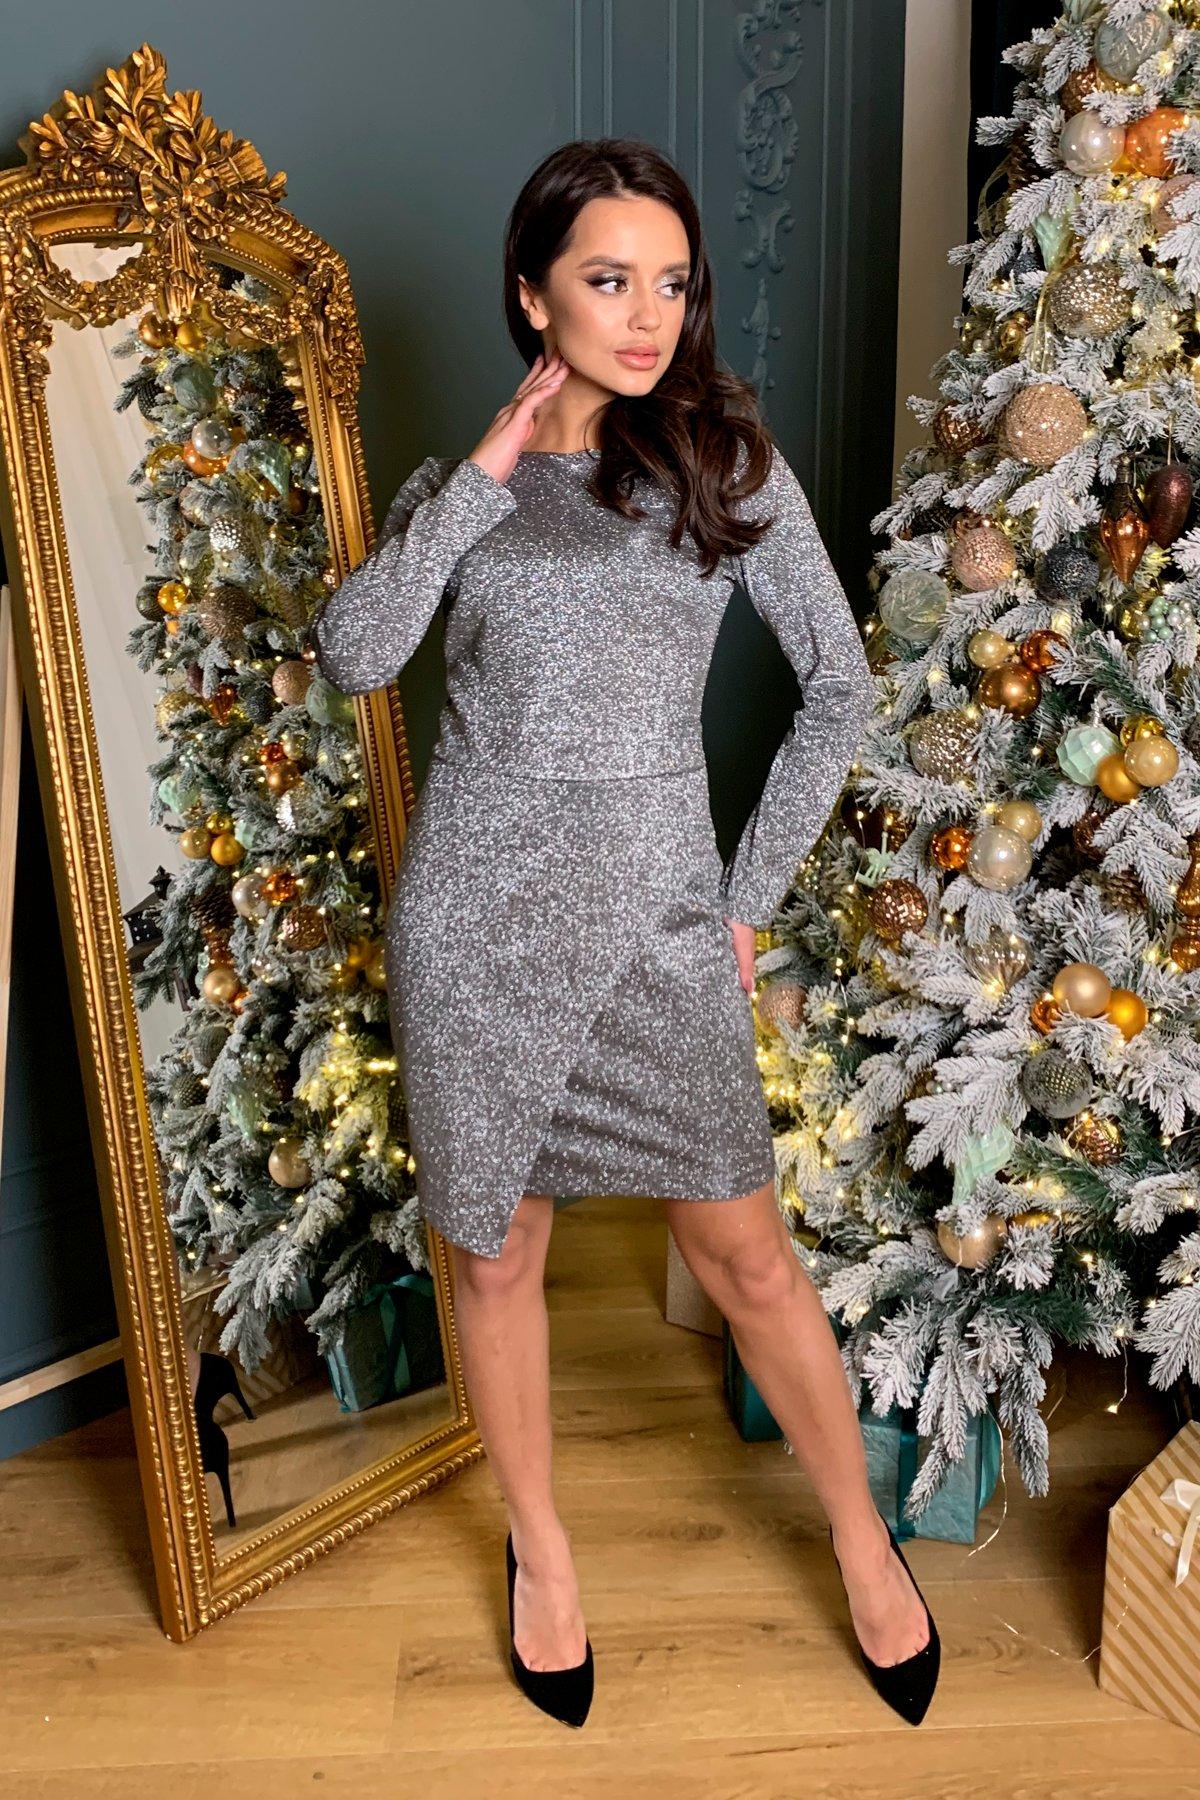 Коктейльное платье Кристал 8346 АРТ. 45027 Цвет: Графит/серебро - фото 4, интернет магазин tm-modus.ru